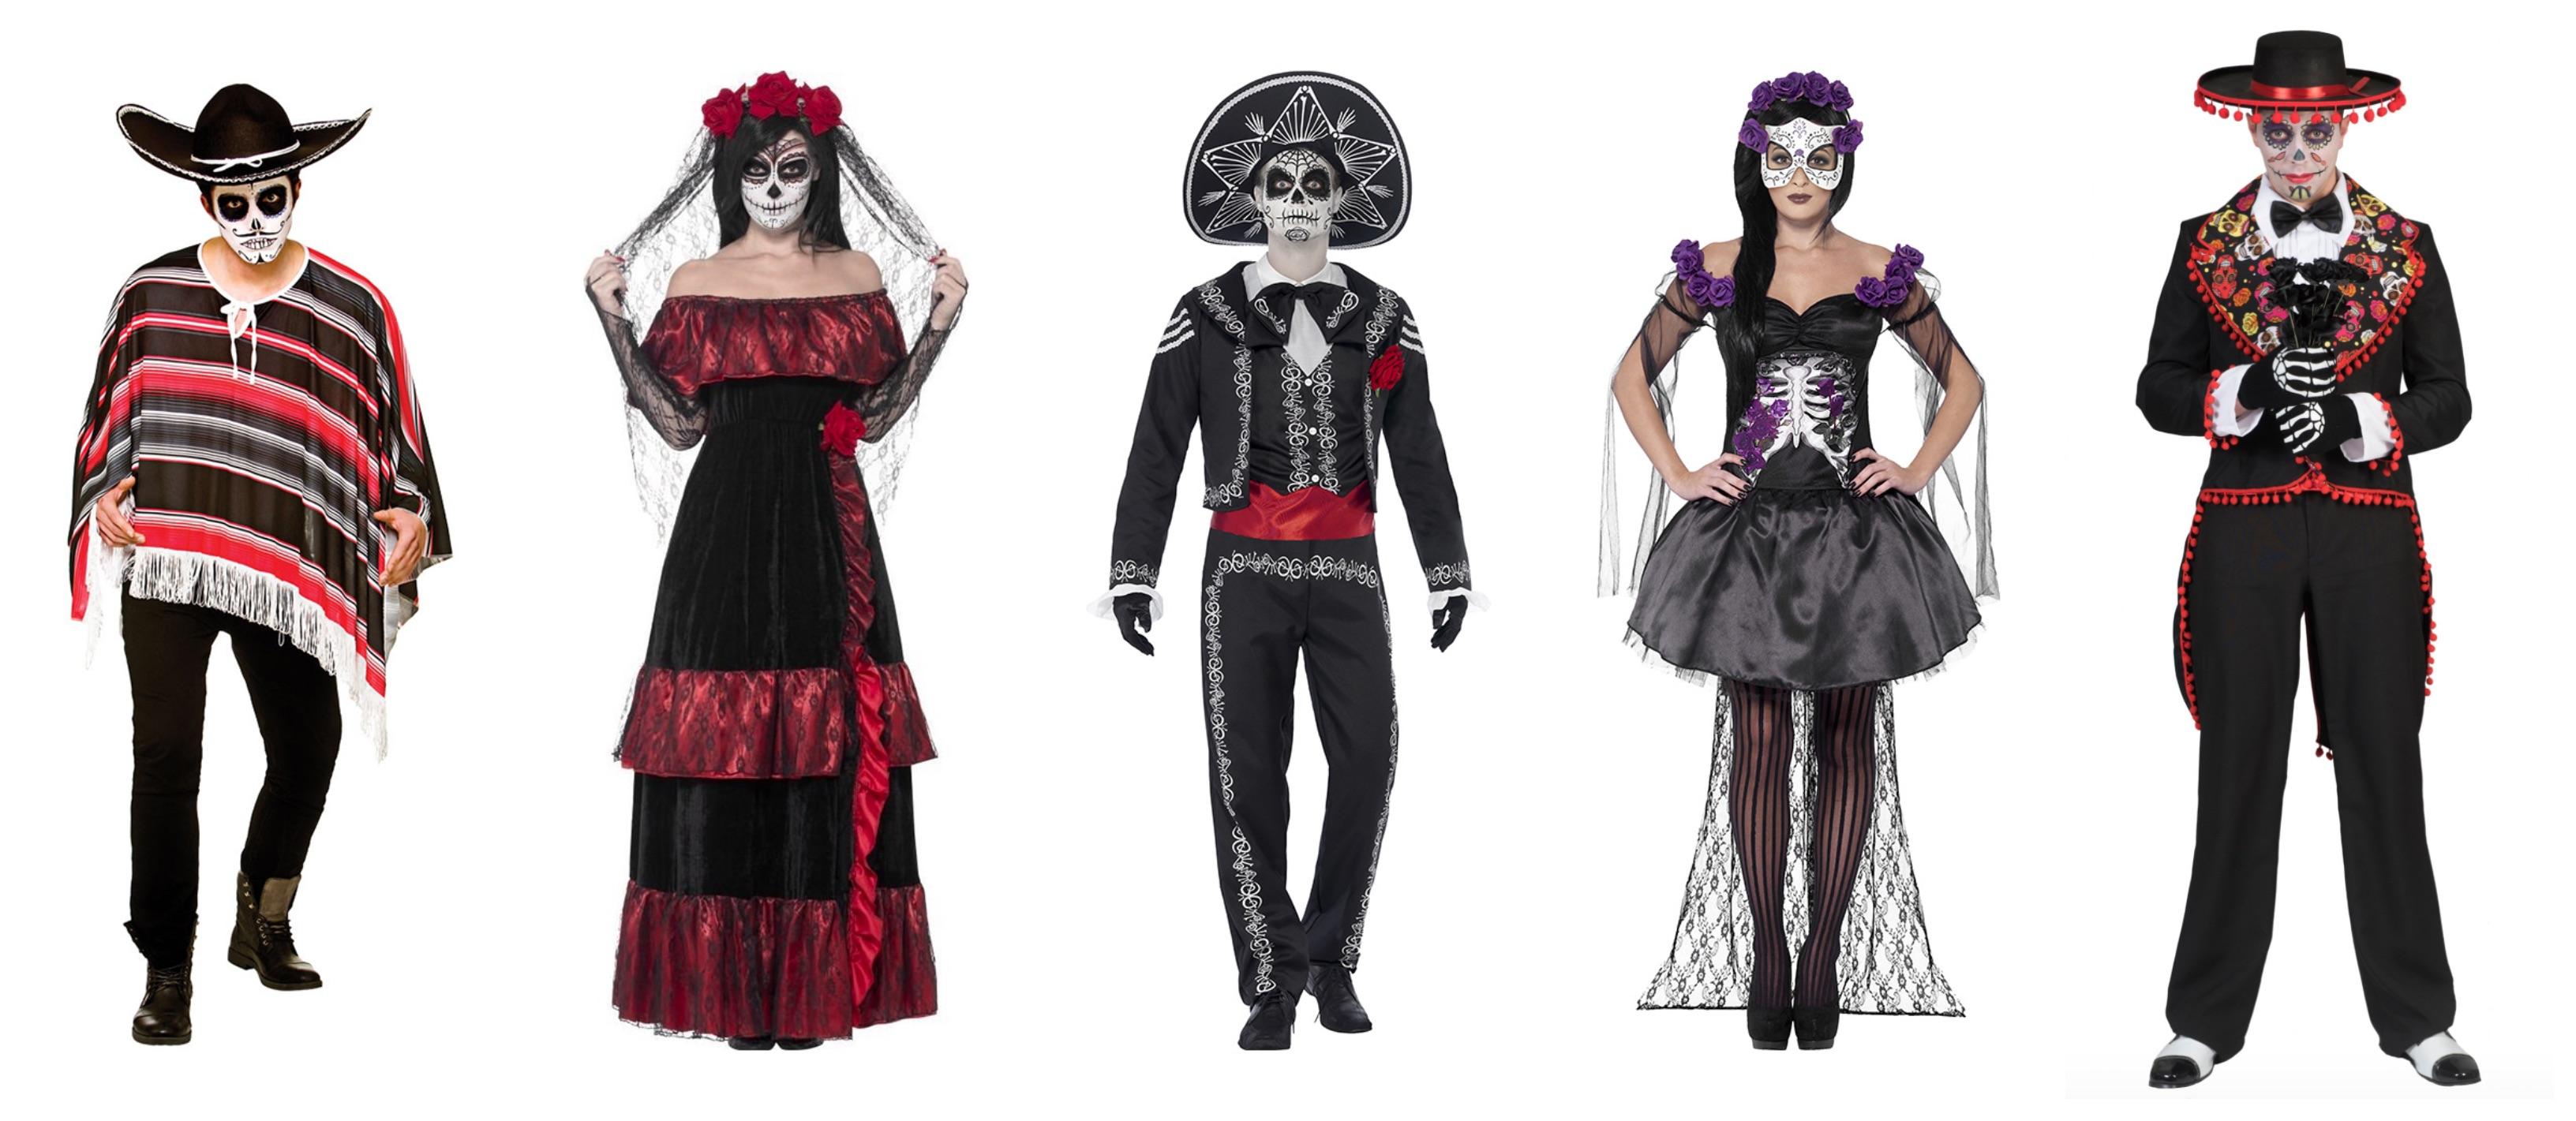 de dødes dag kostume til voksne 1 - De dødes dag kostume til de voksne